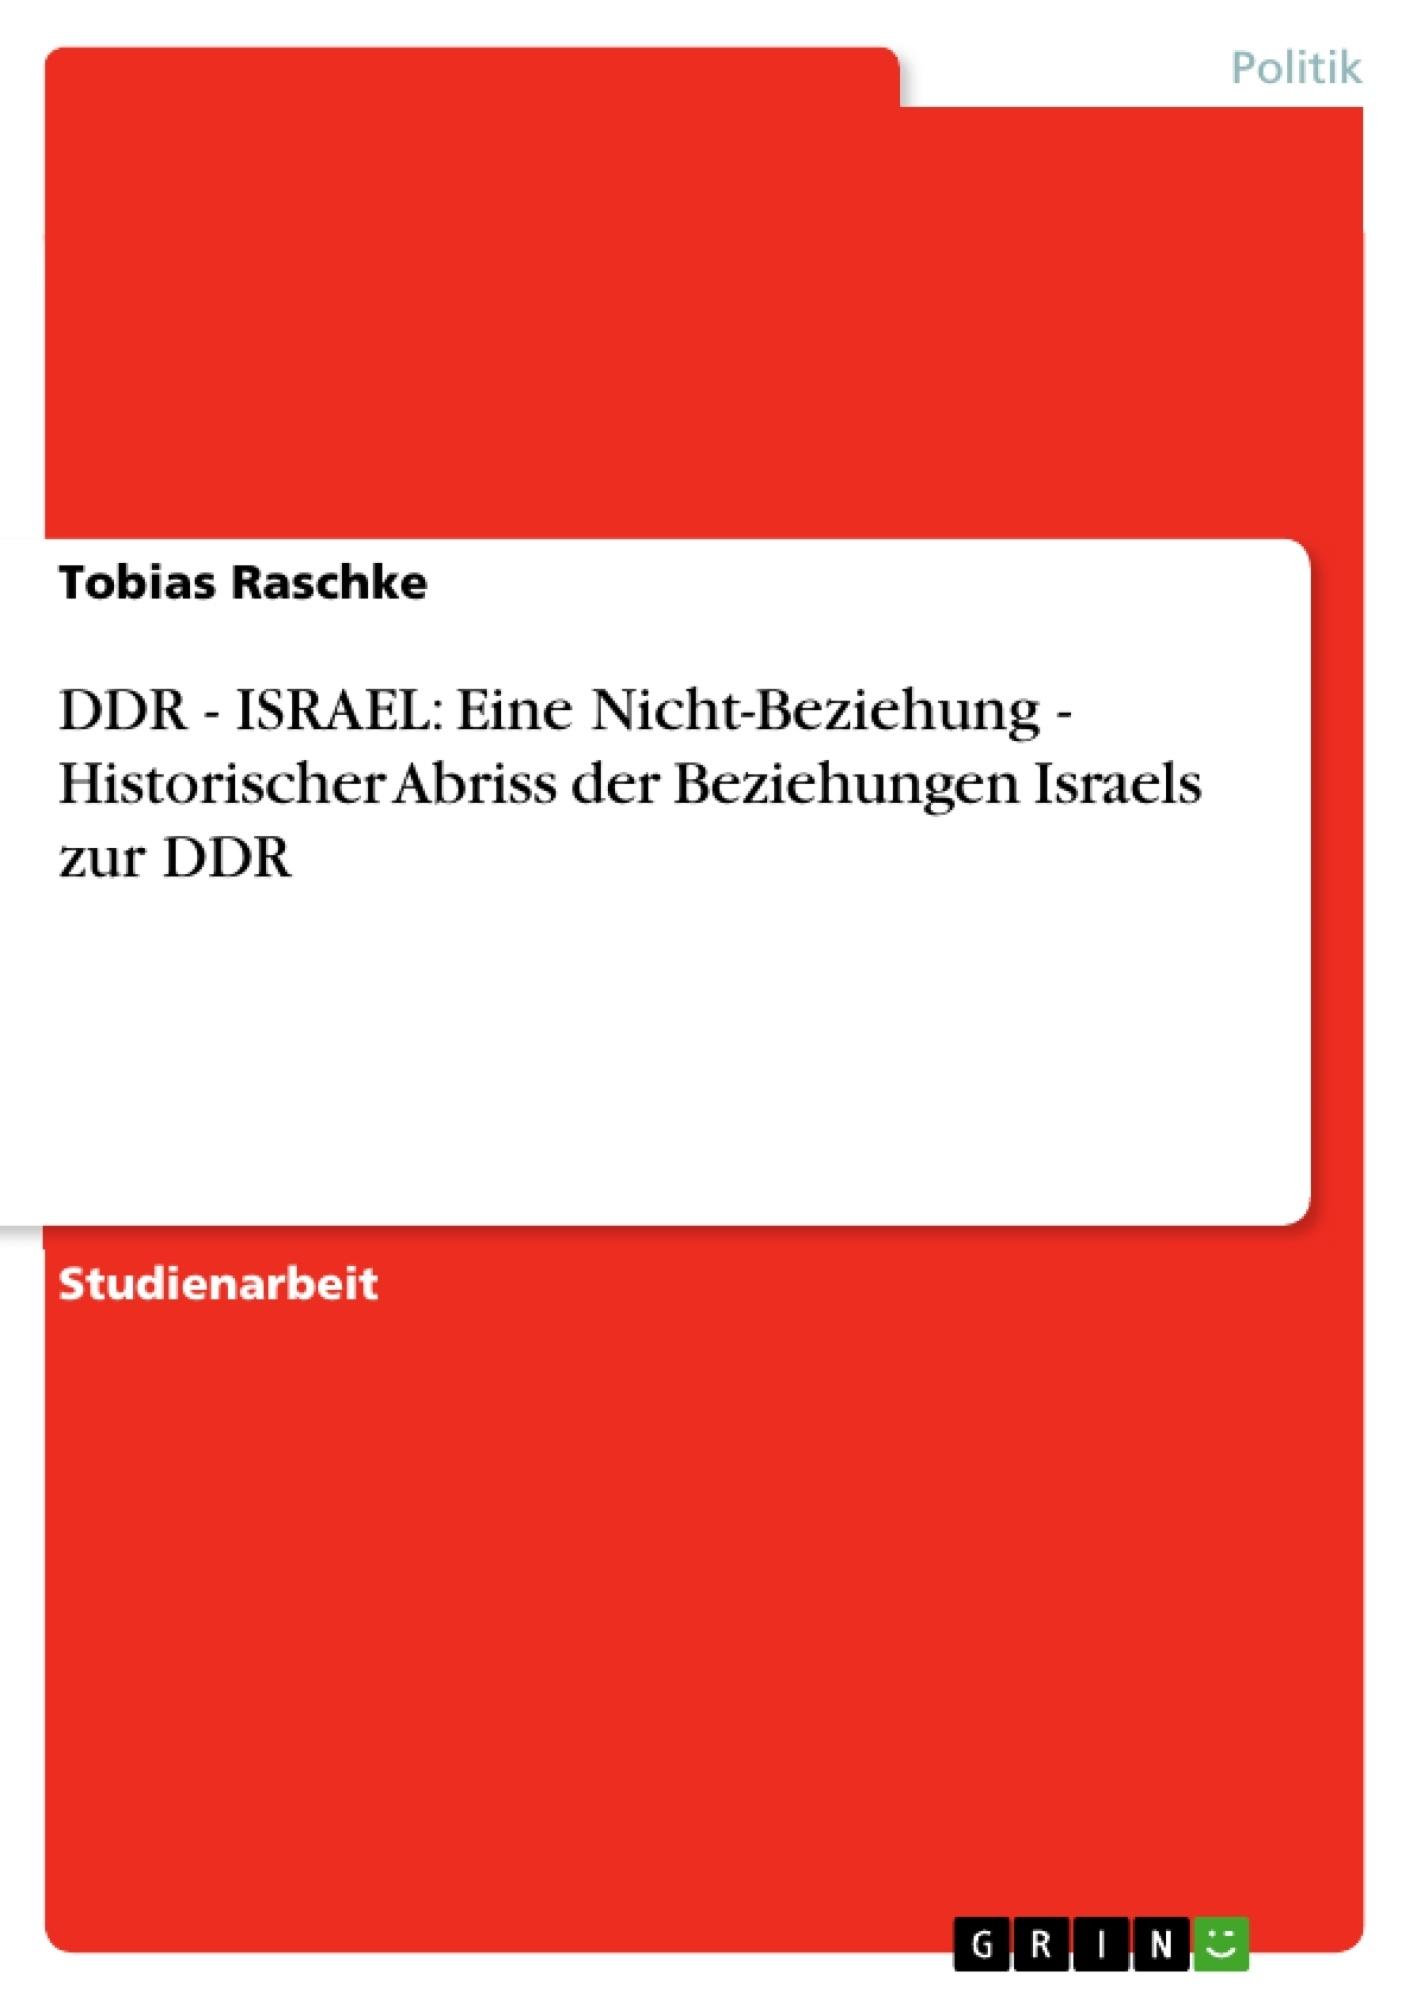 Titel: DDR - ISRAEL: Eine Nicht-Beziehung - Historischer Abriss der Beziehungen Israels zur DDR